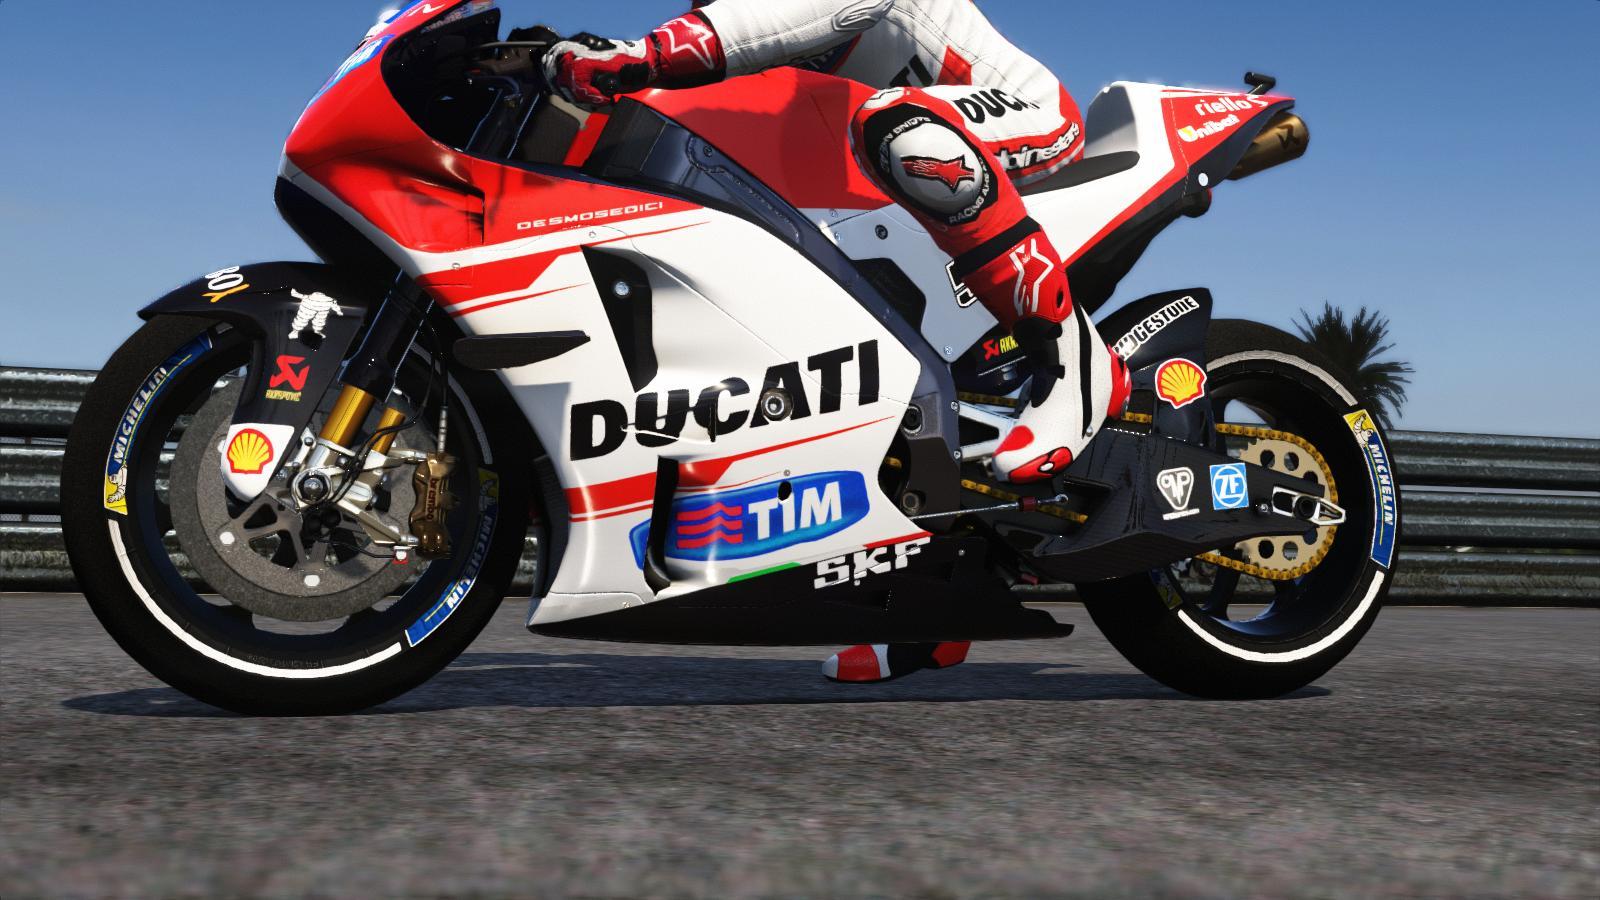 MotoGP15X64 2016-02-20 19-26-17-55.jpg